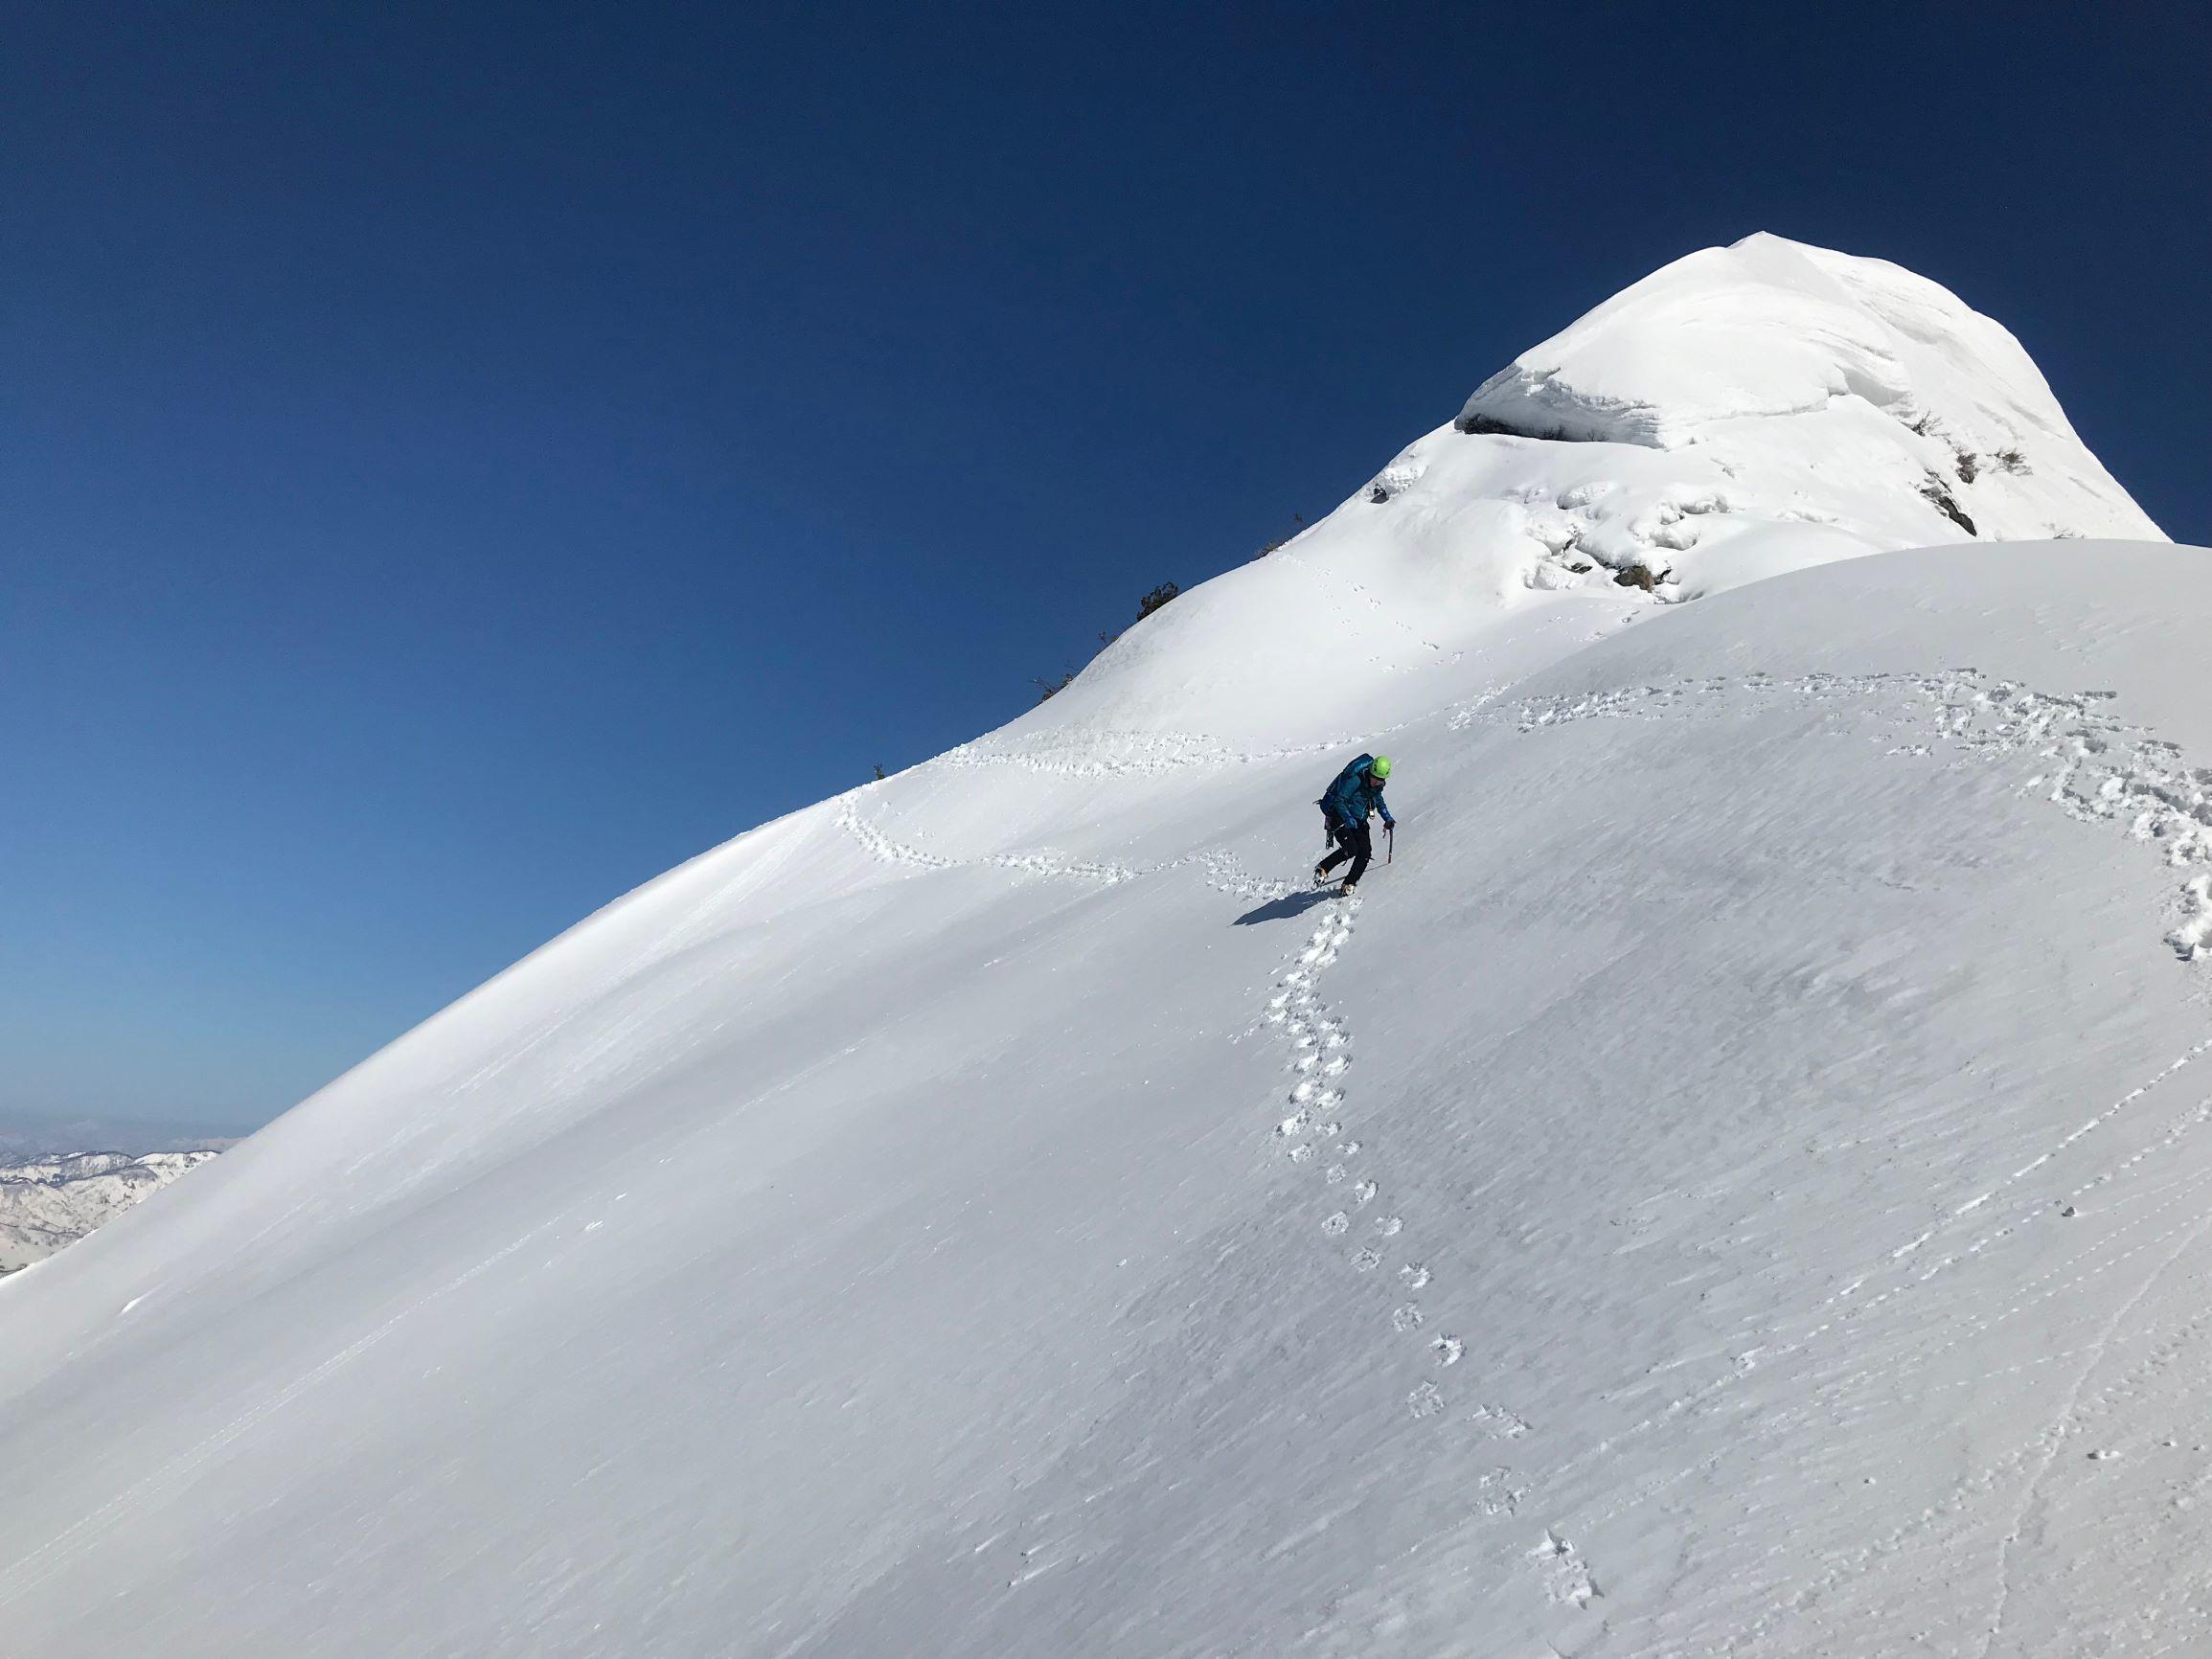 8足拍子岳のピークから南尾根へ下降